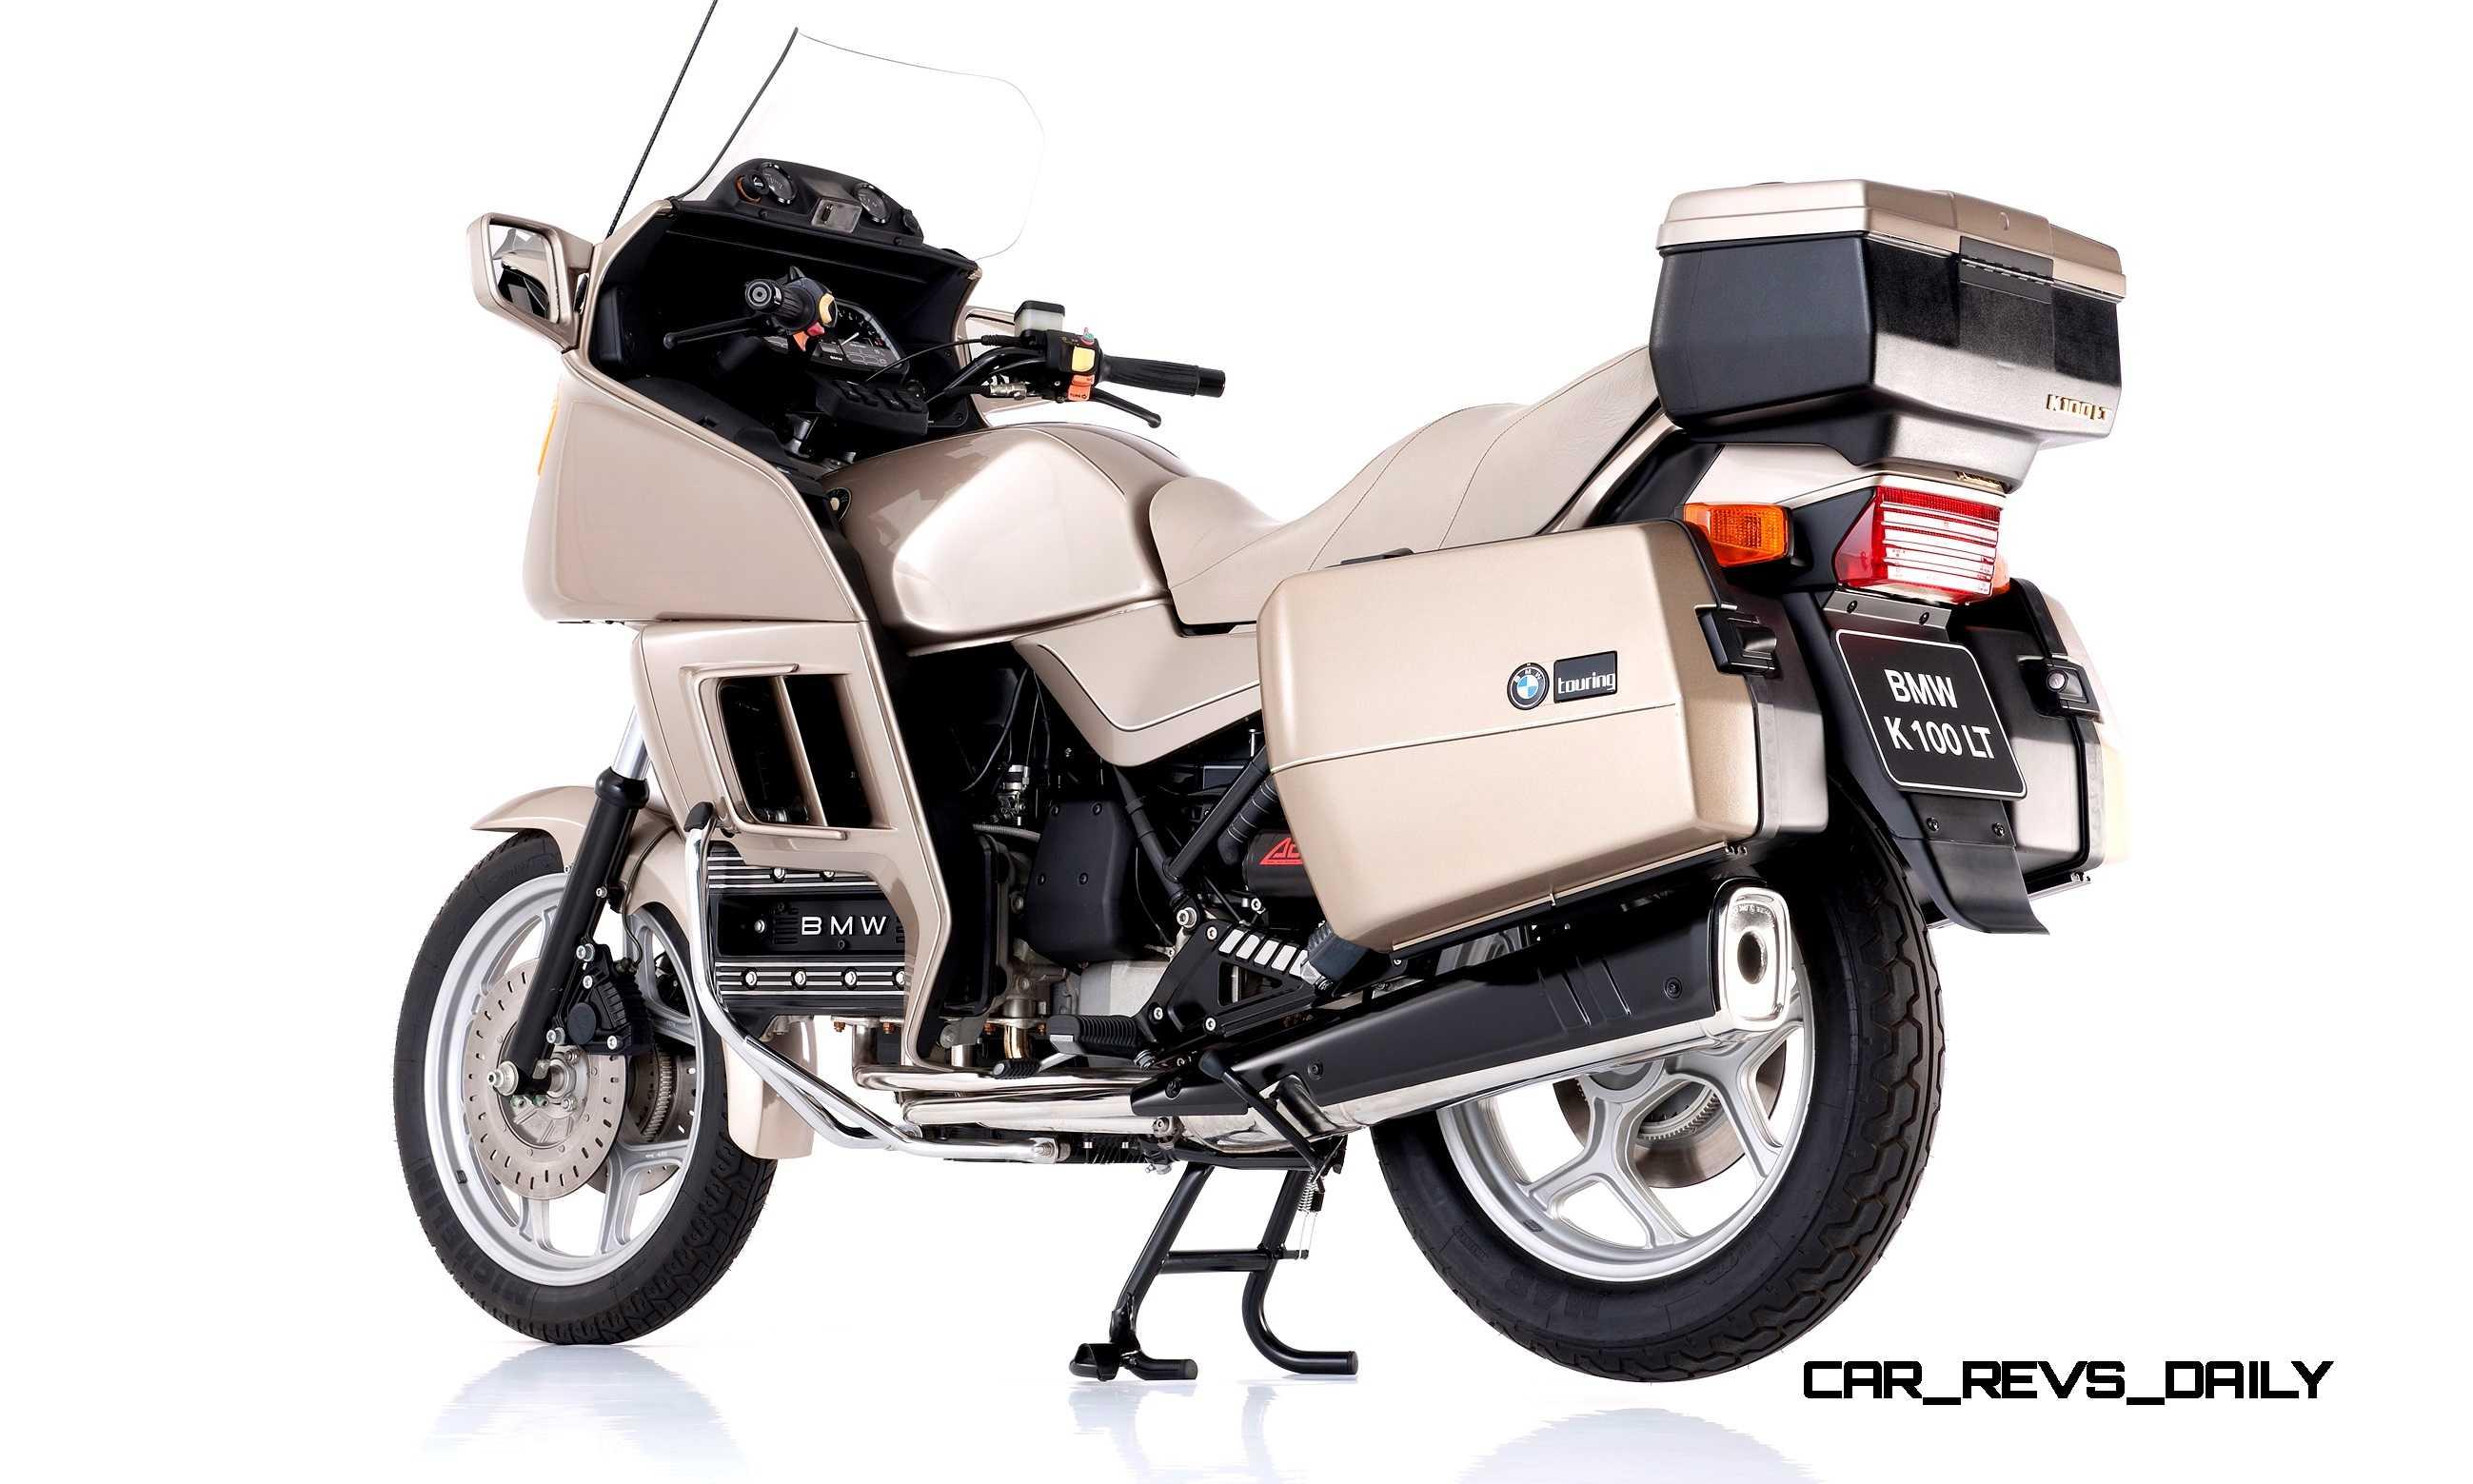 bmw motorcycles evolution. Black Bedroom Furniture Sets. Home Design Ideas